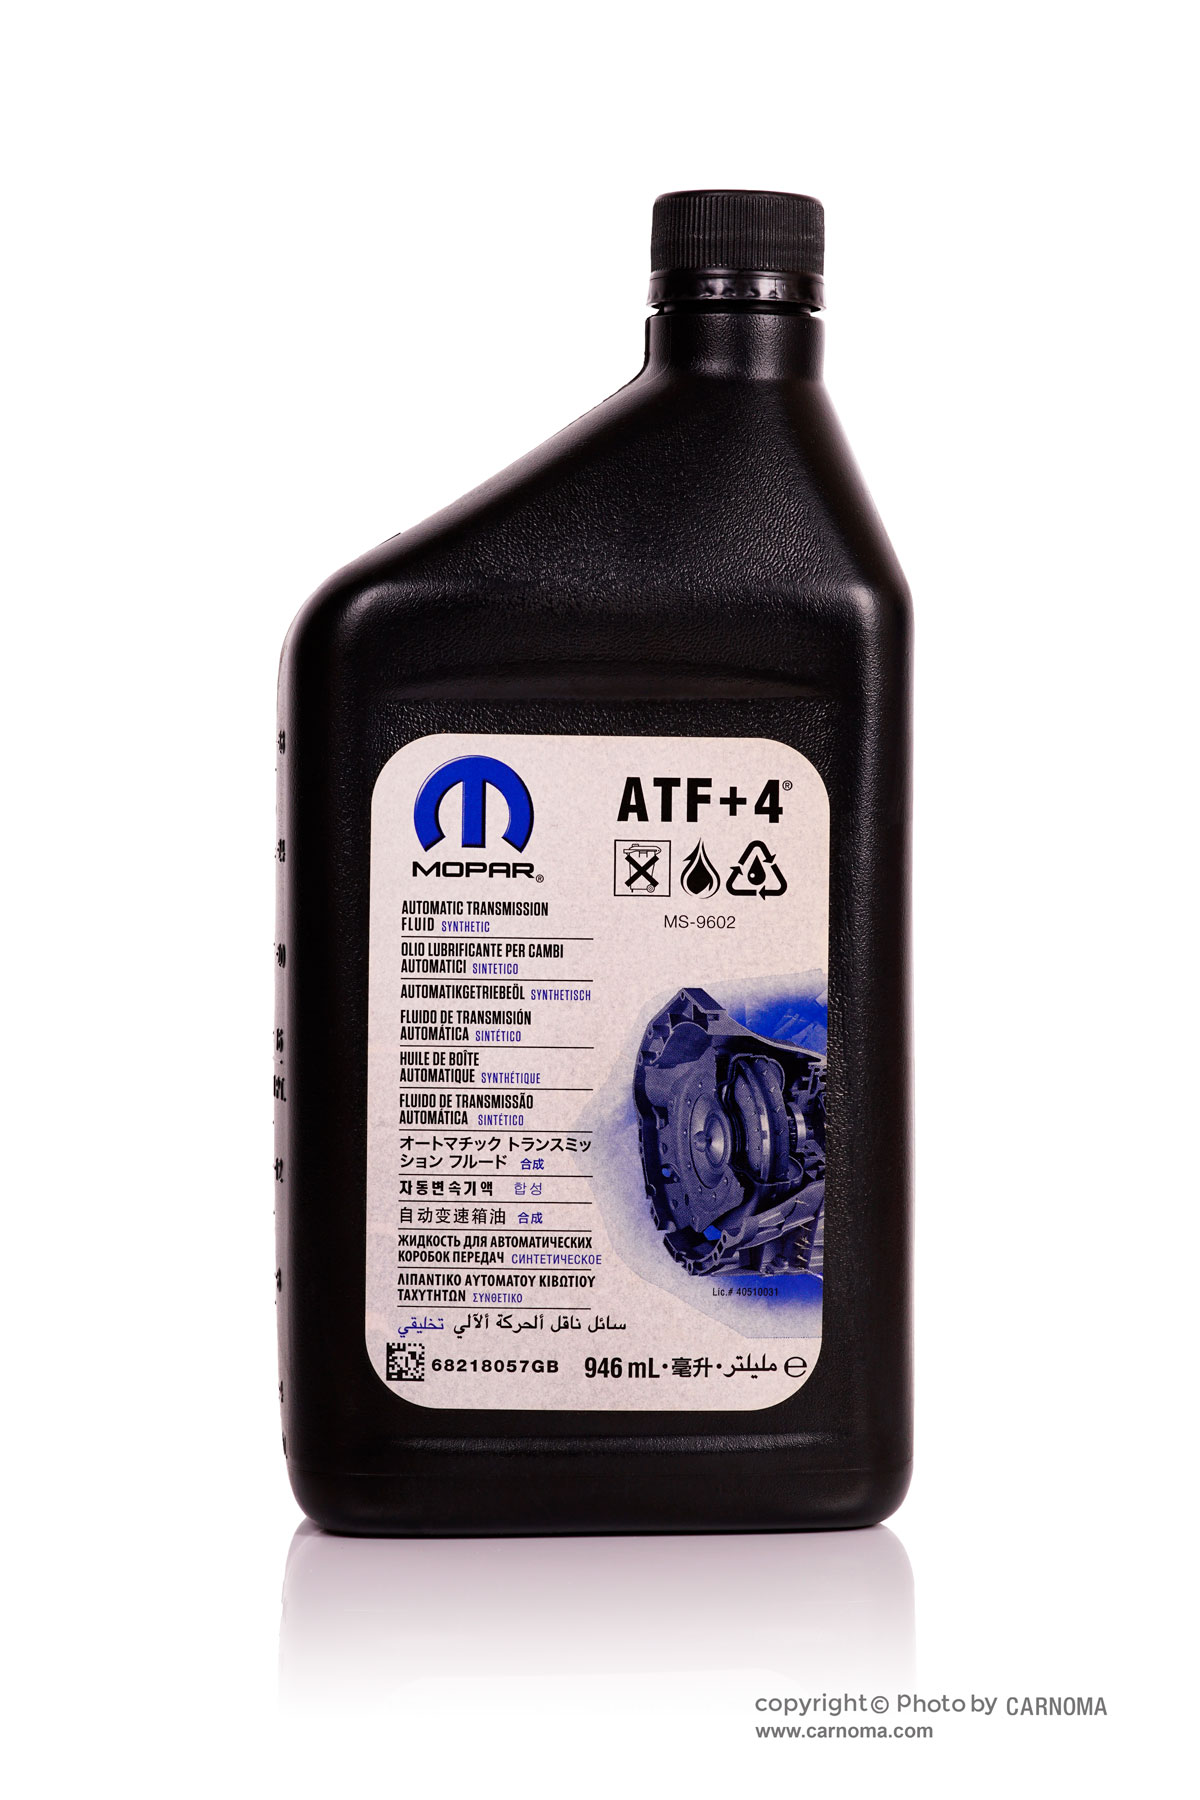 تصویر روغن گیربکس موپار ATF+4 حجم 946میلی لیتر Mopar ATF+4 Genuine Parts 946ml